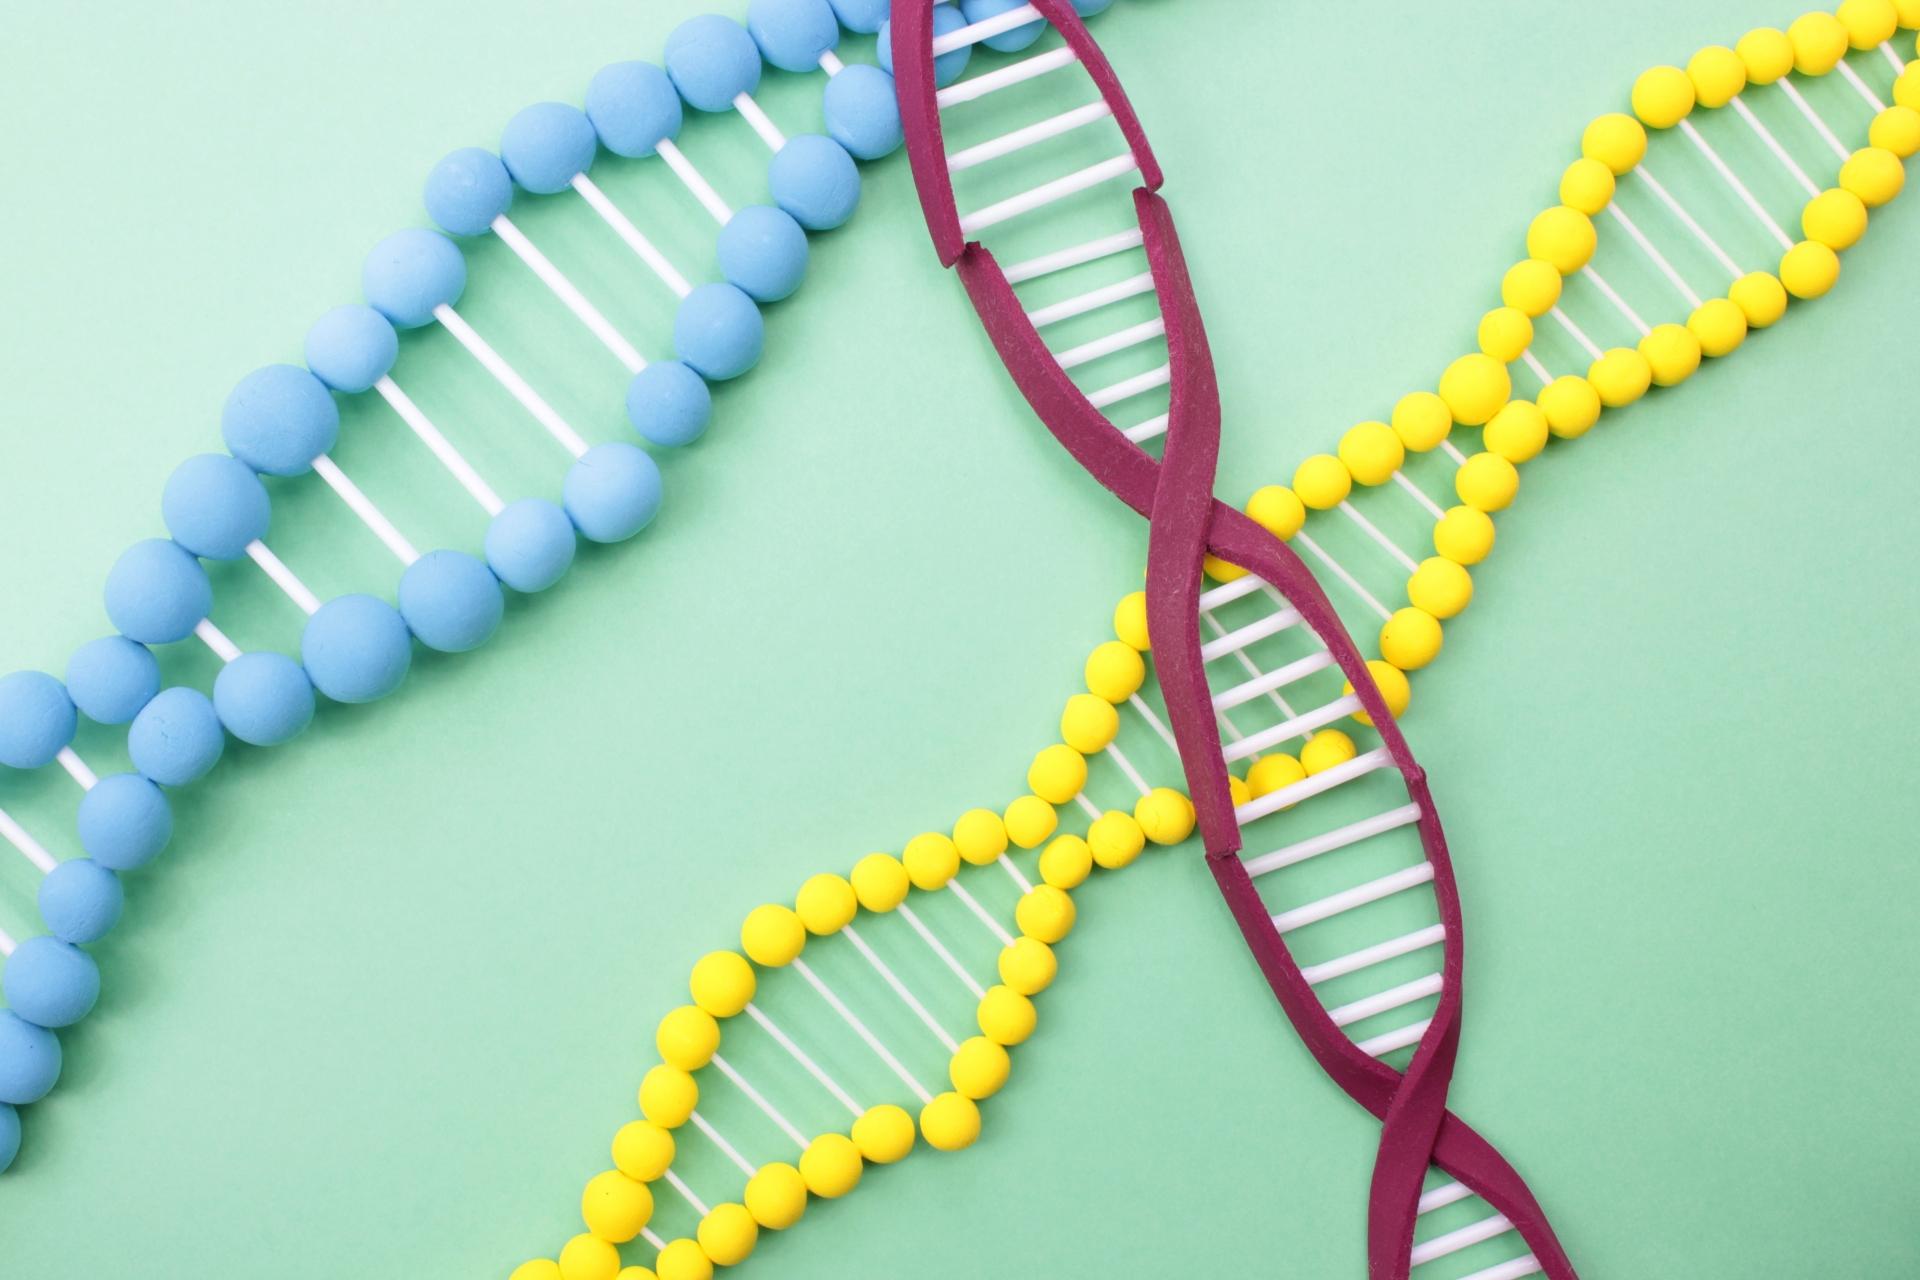 毛深いのは遺伝する?遺伝が原因で体毛の濃い人は脱毛がおすすめな理由